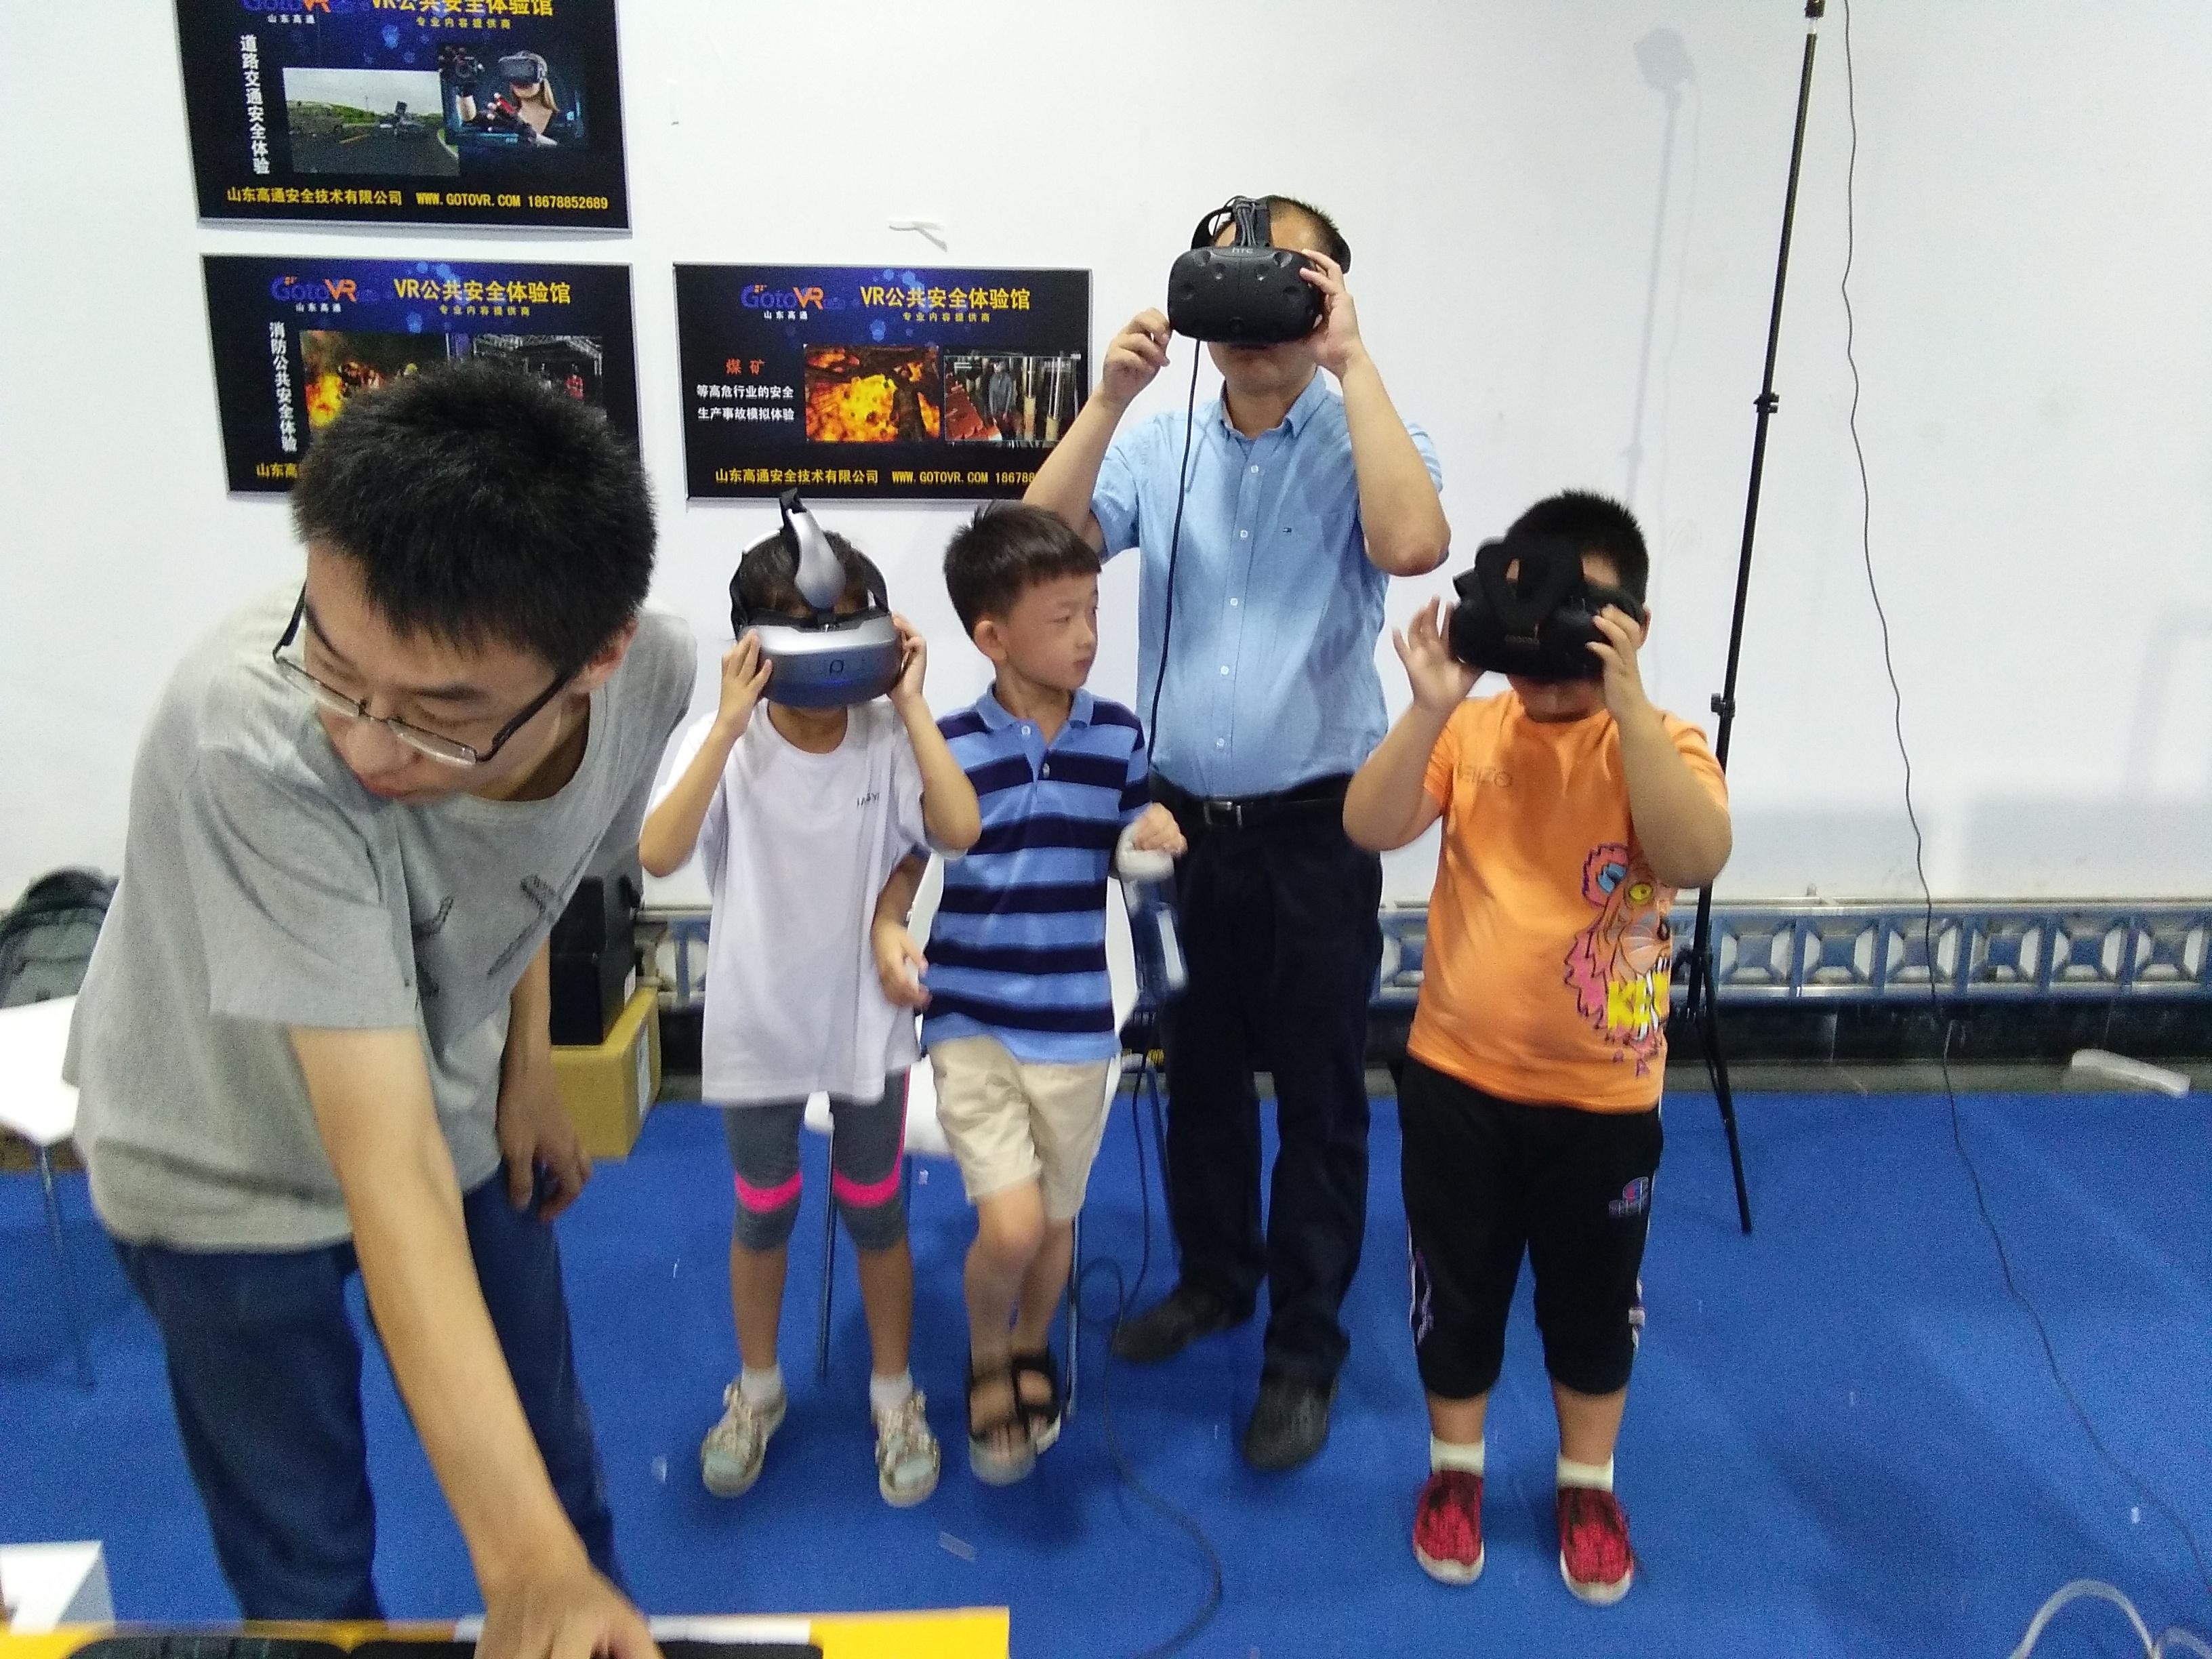 VR公共安全,VR公共安全教育,VR公共安全教育体验